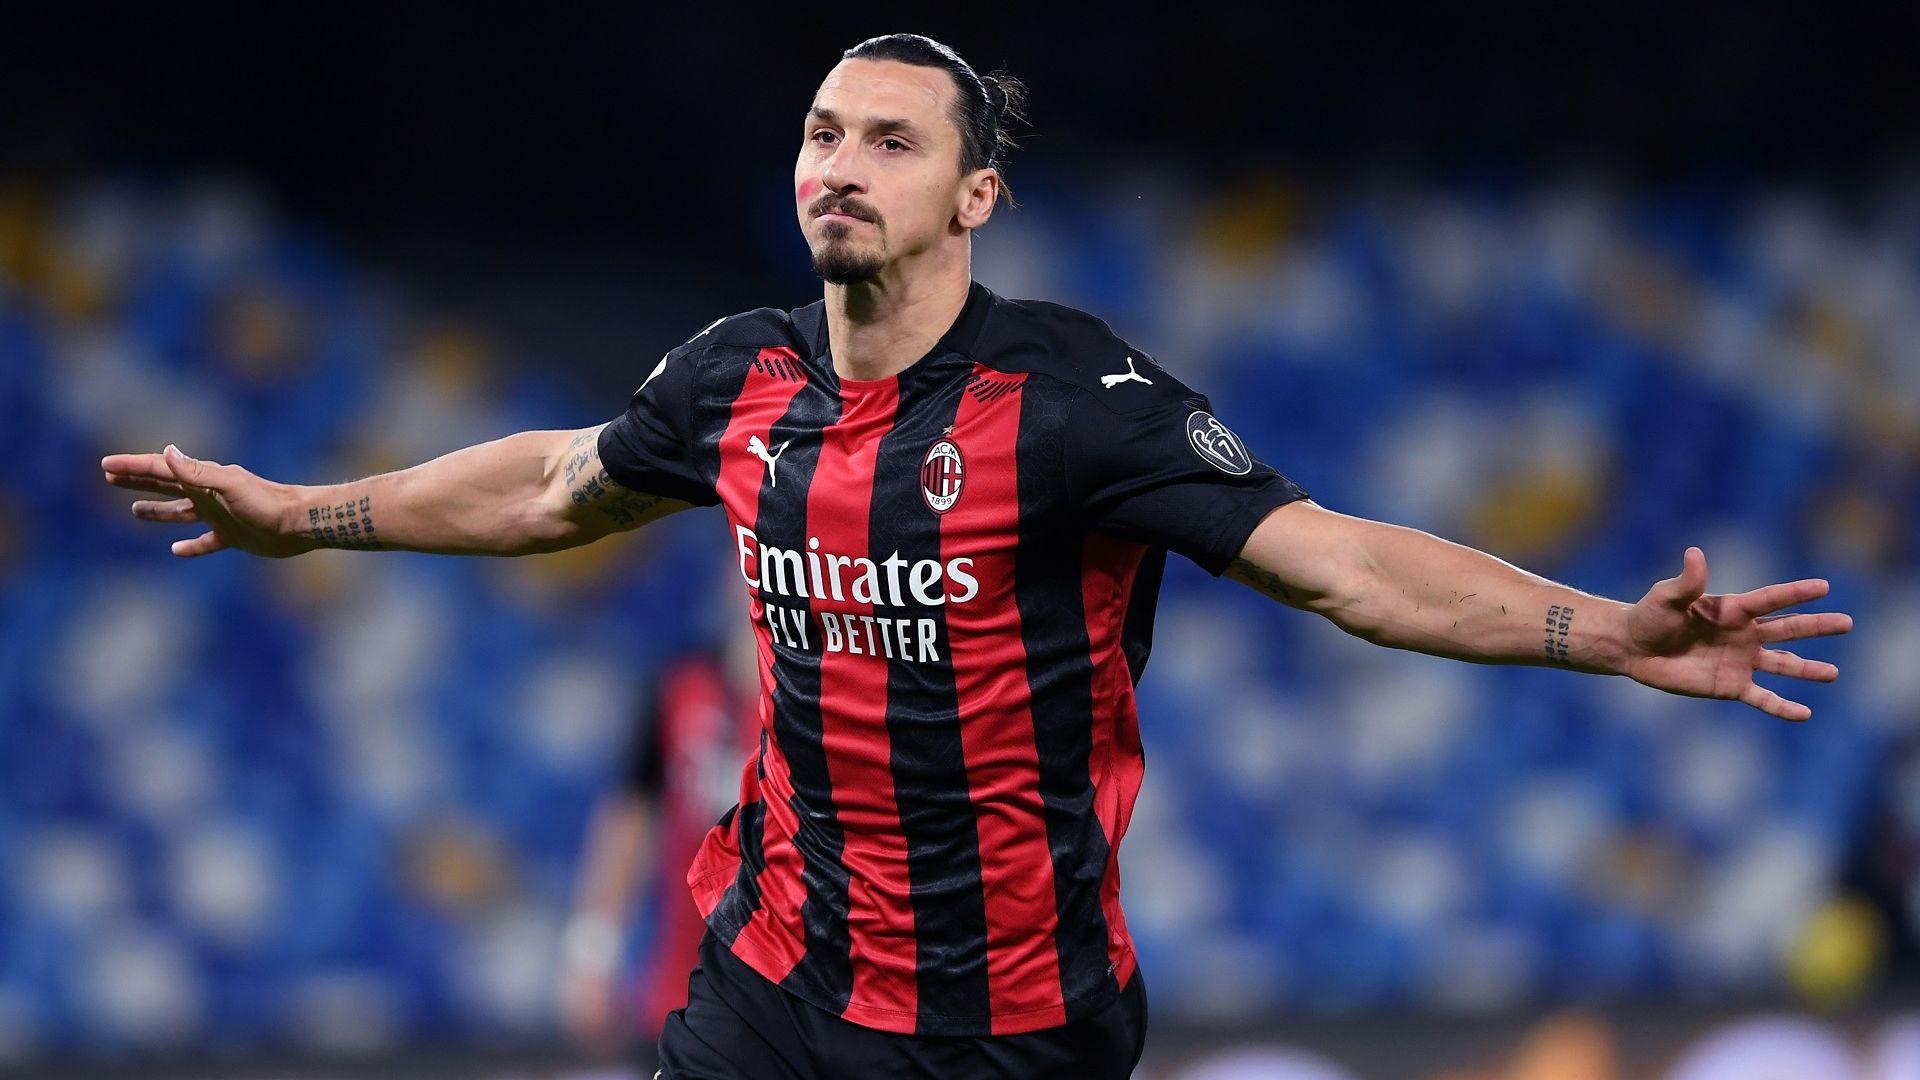 Златан изригна край Везувий, а Милан все още е непобеден на върха